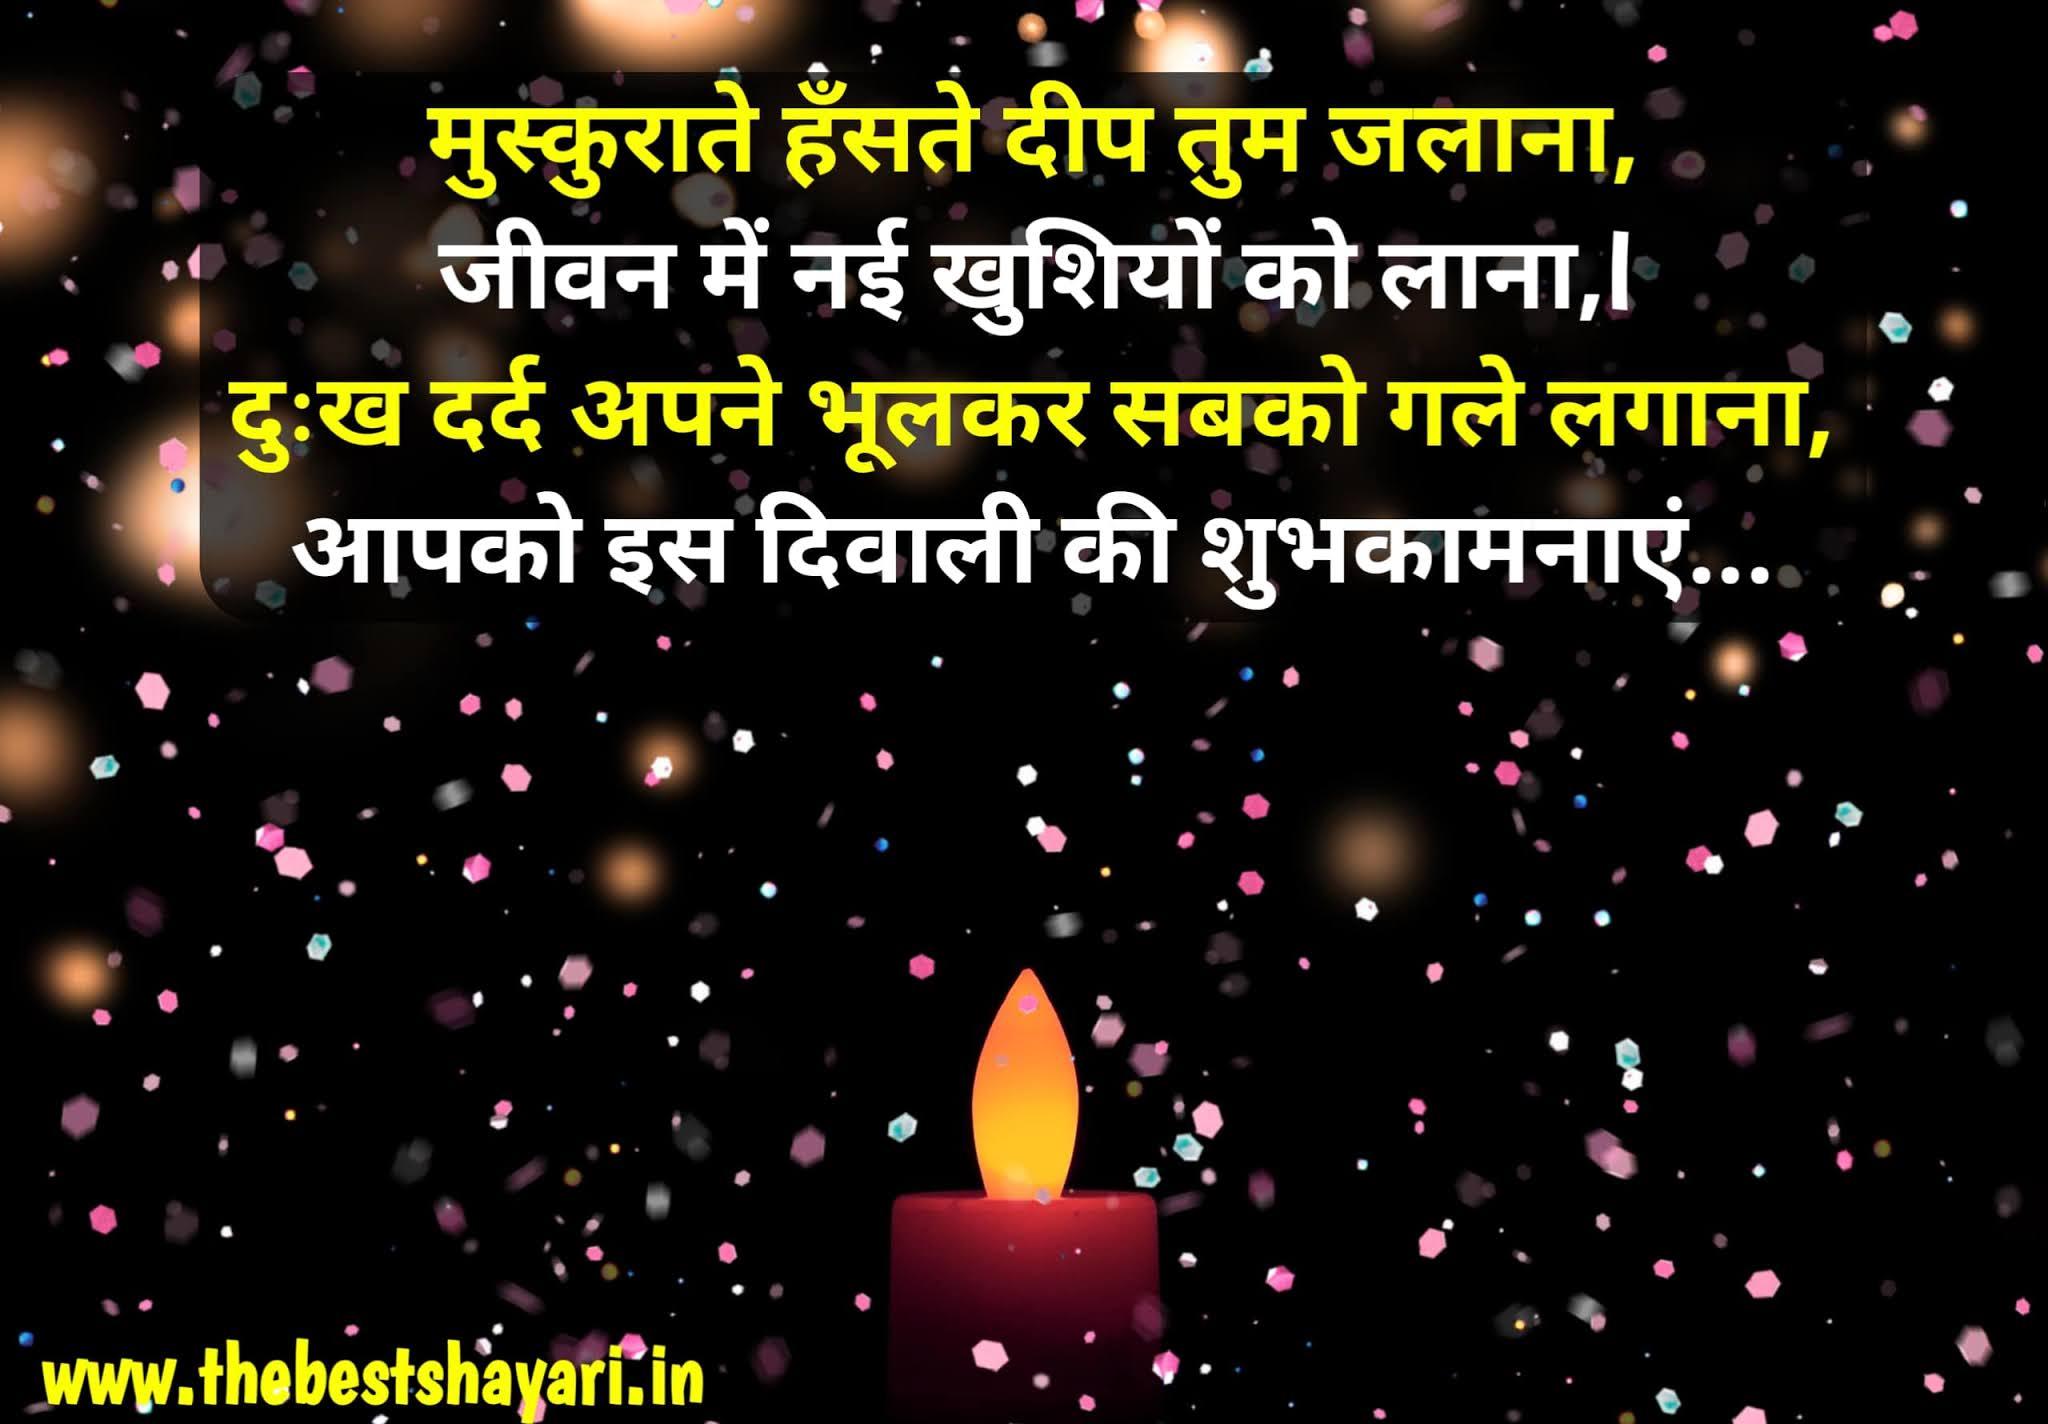 happy diwali wishes hindi quotes